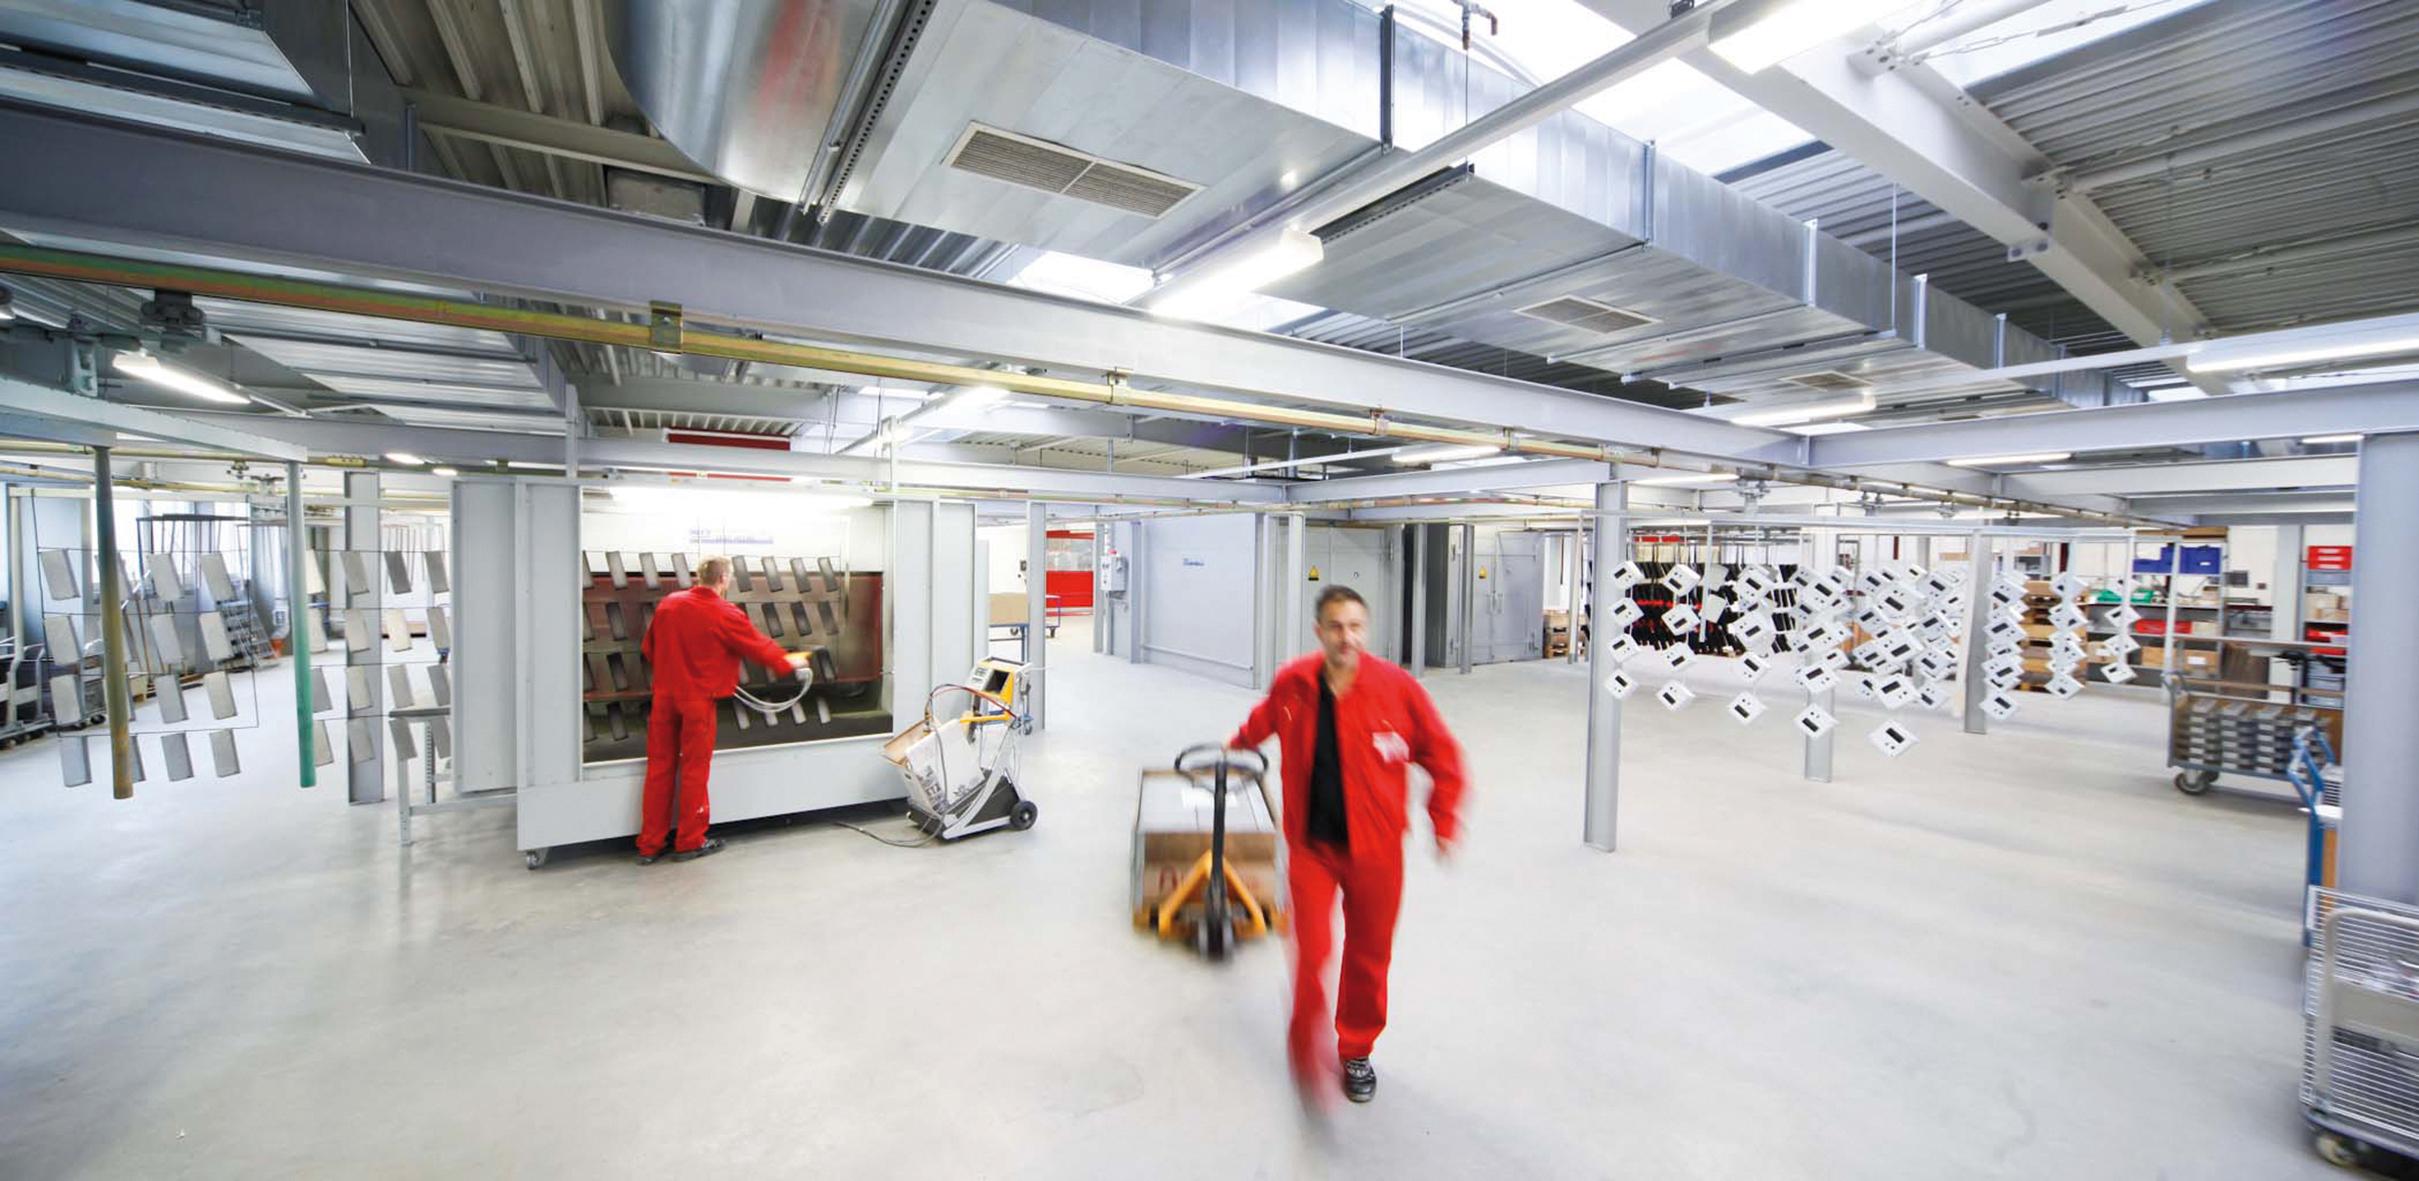 Allein an seinem Stammsitz in Rinteln beschäftigt ROLEC 130 Mitarbeiter (Foto: ROLEC)